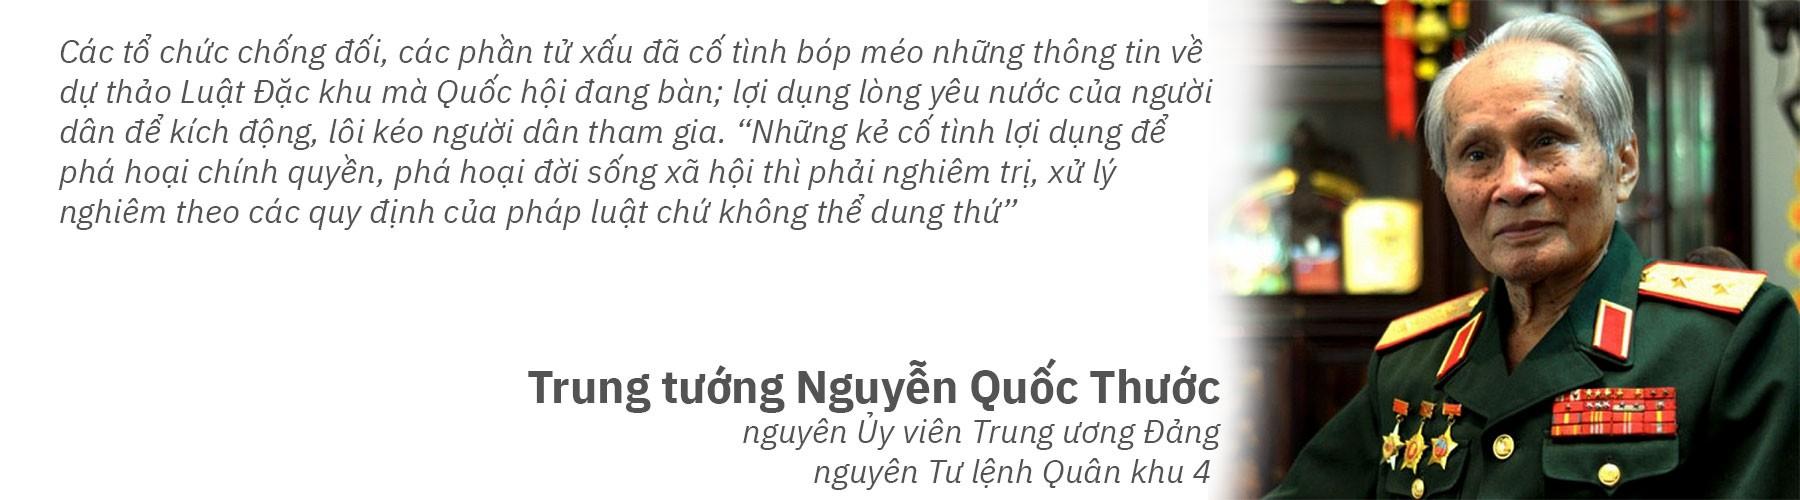 (eMagazine)- Toàn cảnh vụ gây rối ở TP HCM và Bình Thuận - Ảnh 17.